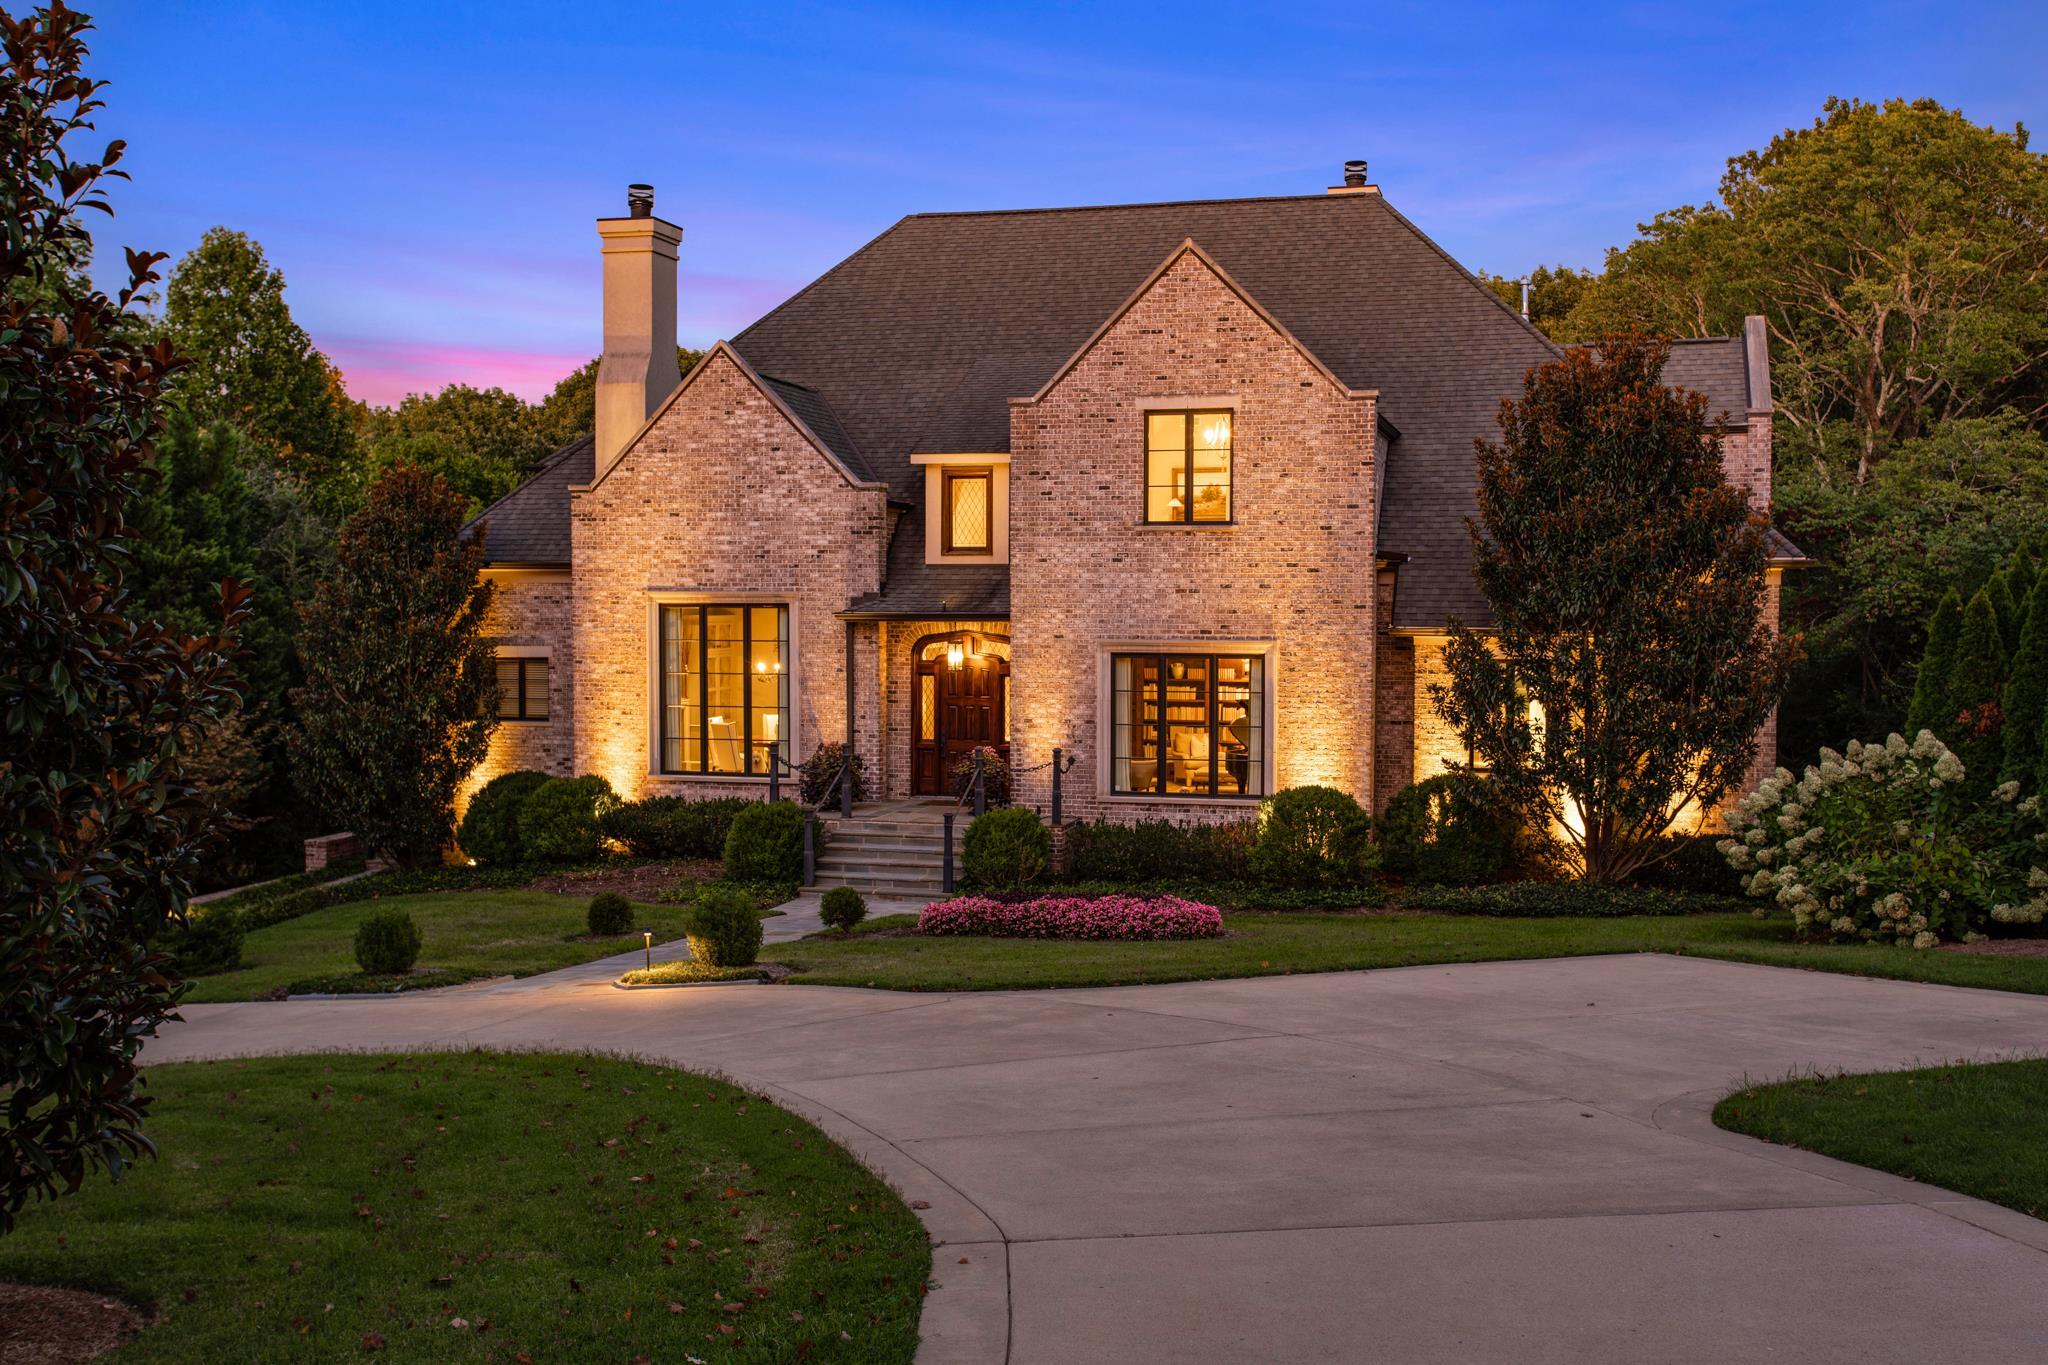 $2,648,250 - 4Br/5Ba -  for Sale in Green Hills, Nashville